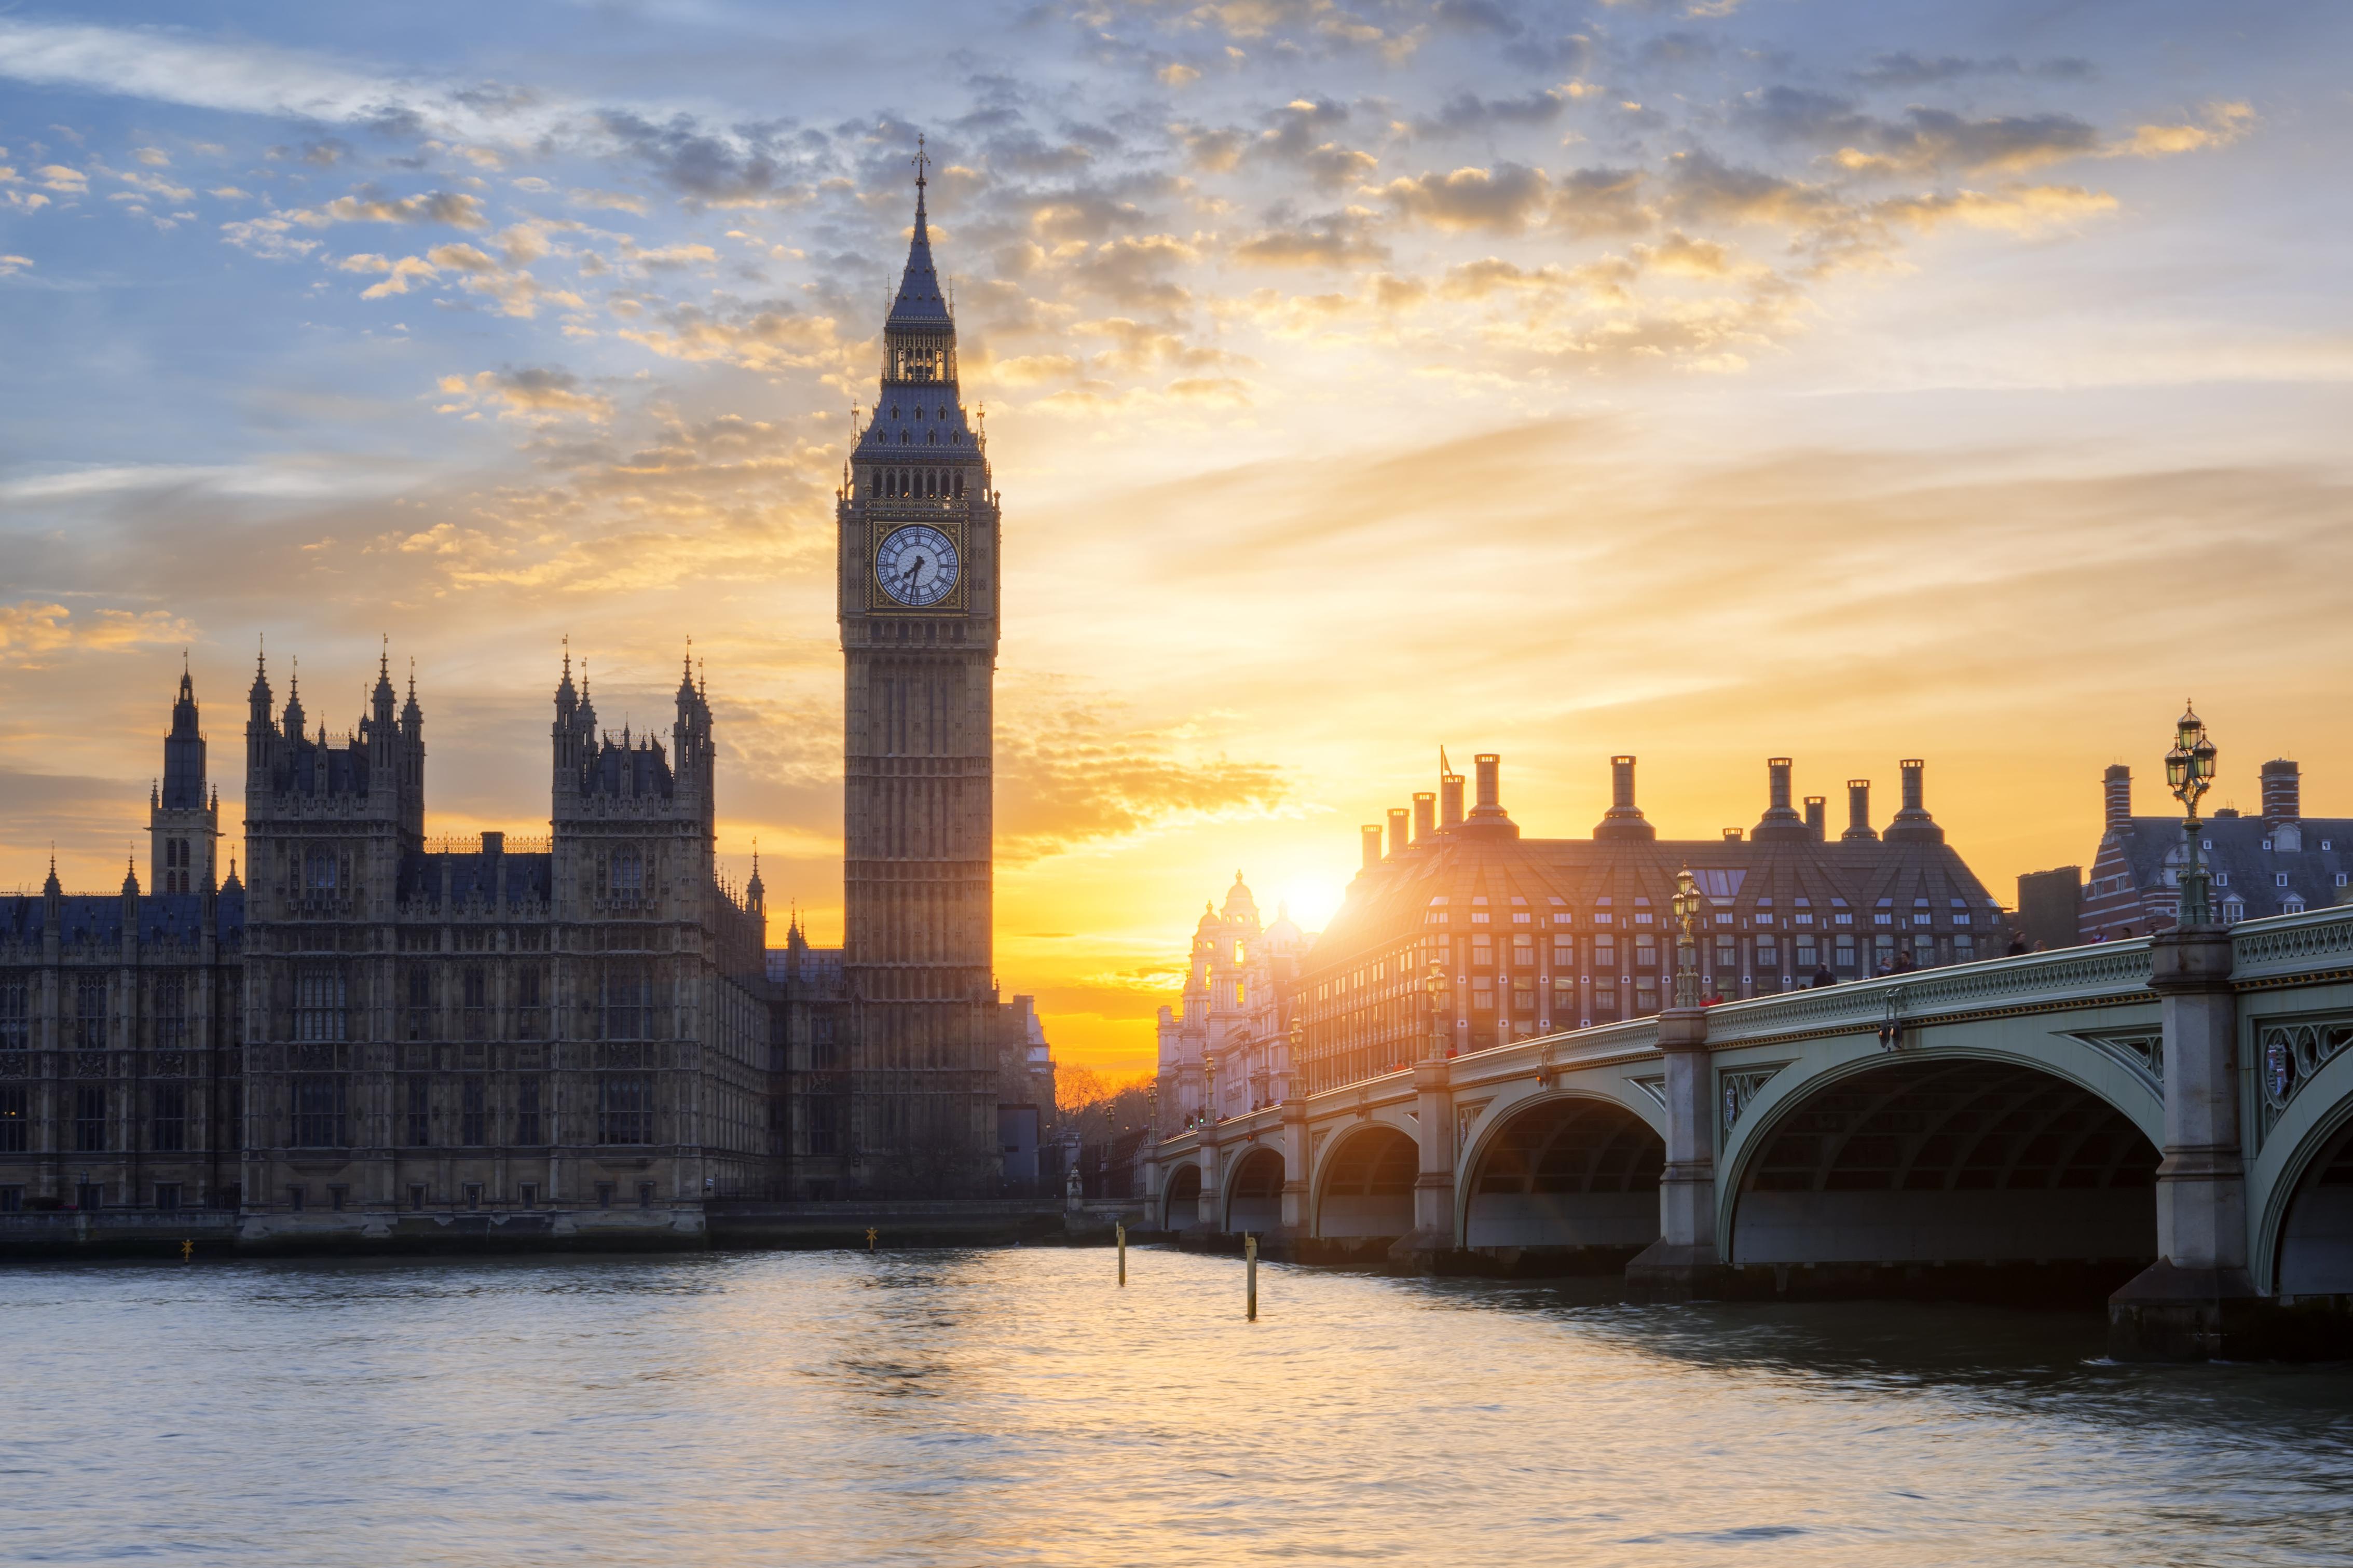 Διαδίκτυο ραντεβού στο ανατολικό Λονδίνο